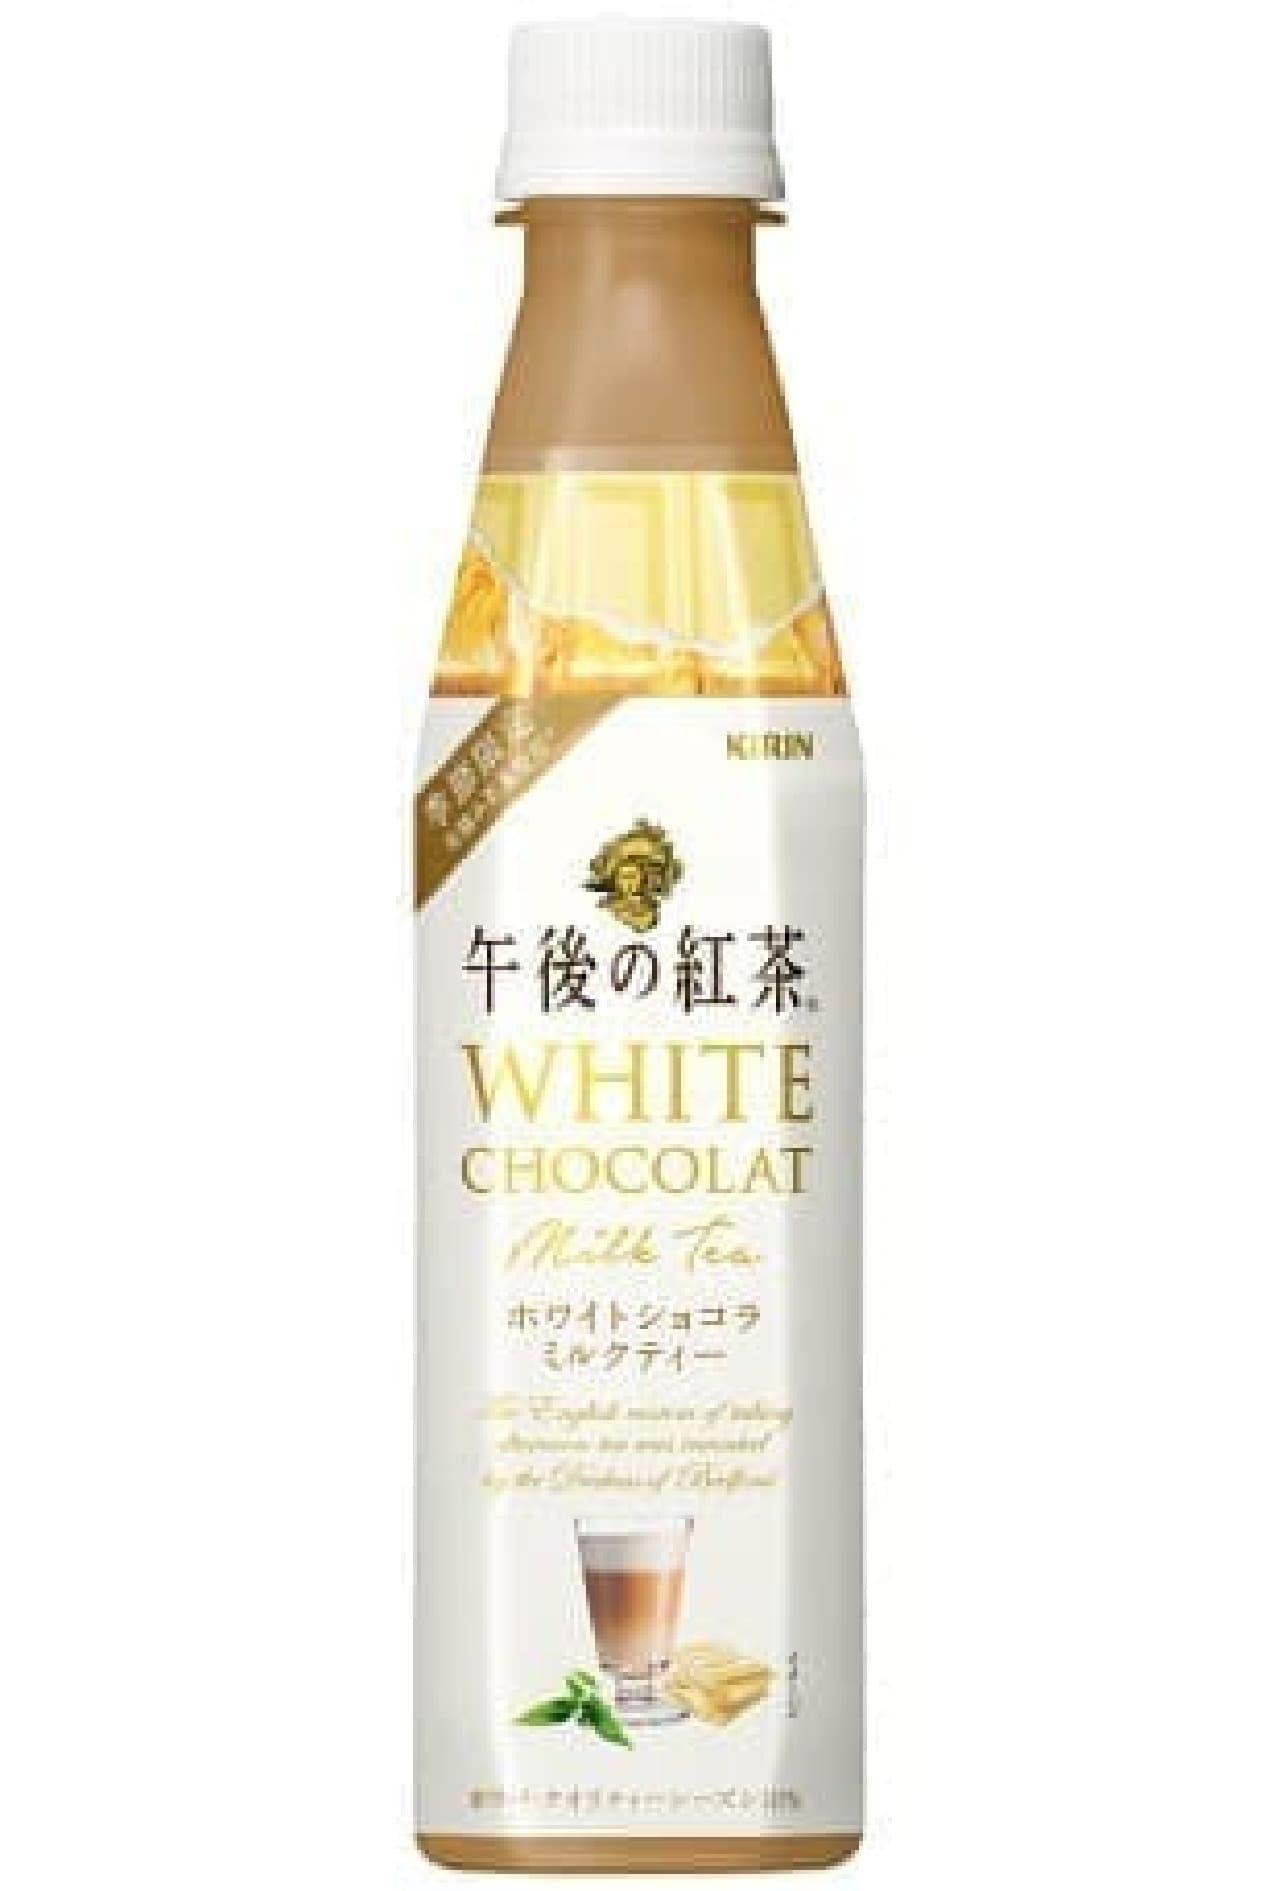 キリン 午後の紅茶 ホワイトショコラミルクティー